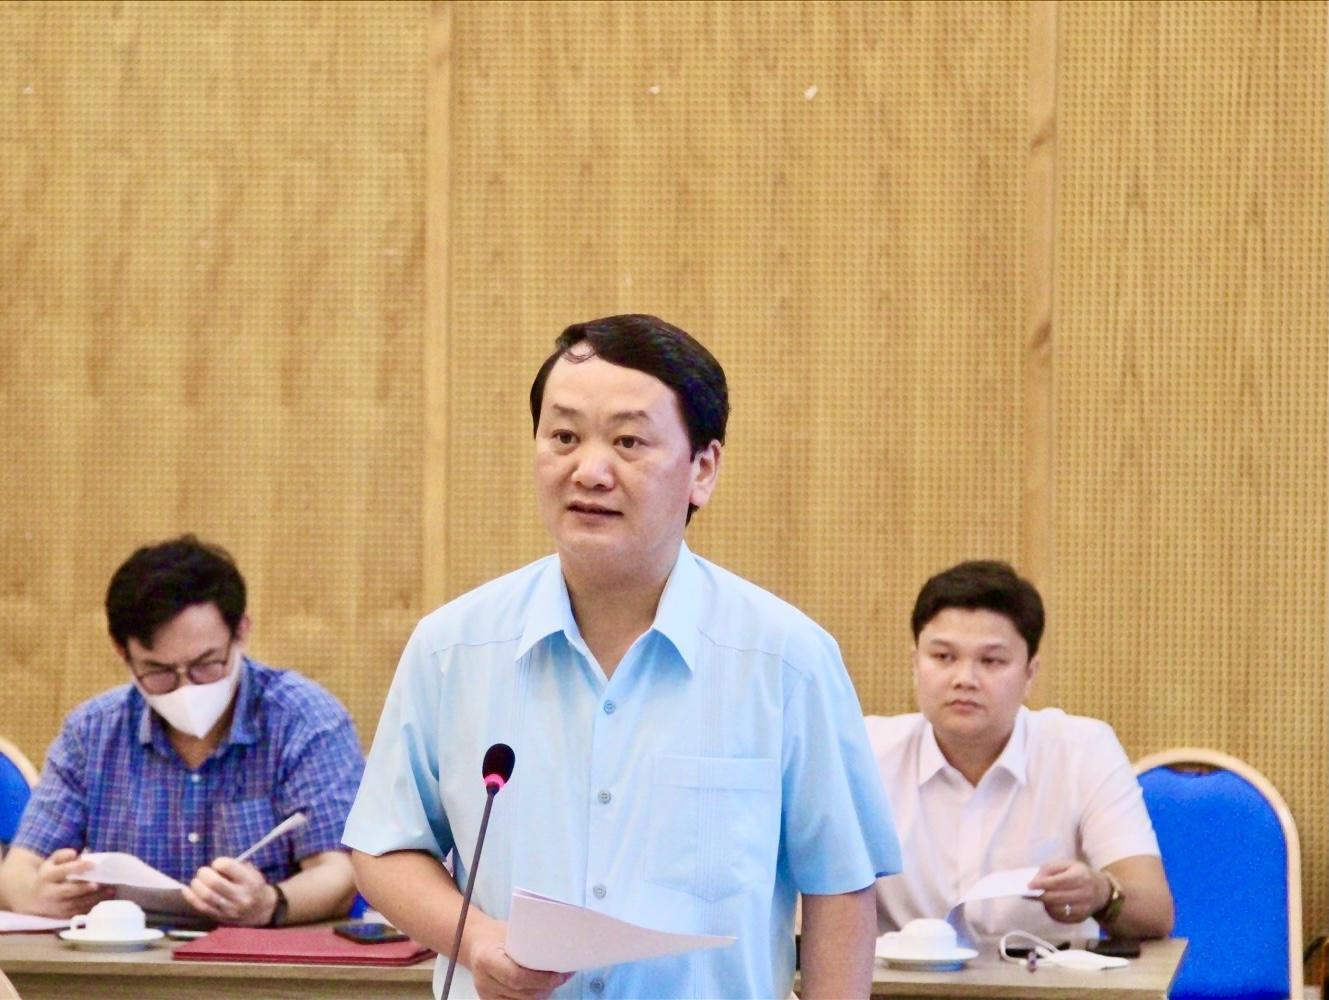 Bộ trưởng, Chủ nhiệm UBDT Hầu A Lềnh phát biểu tại cuộc họp